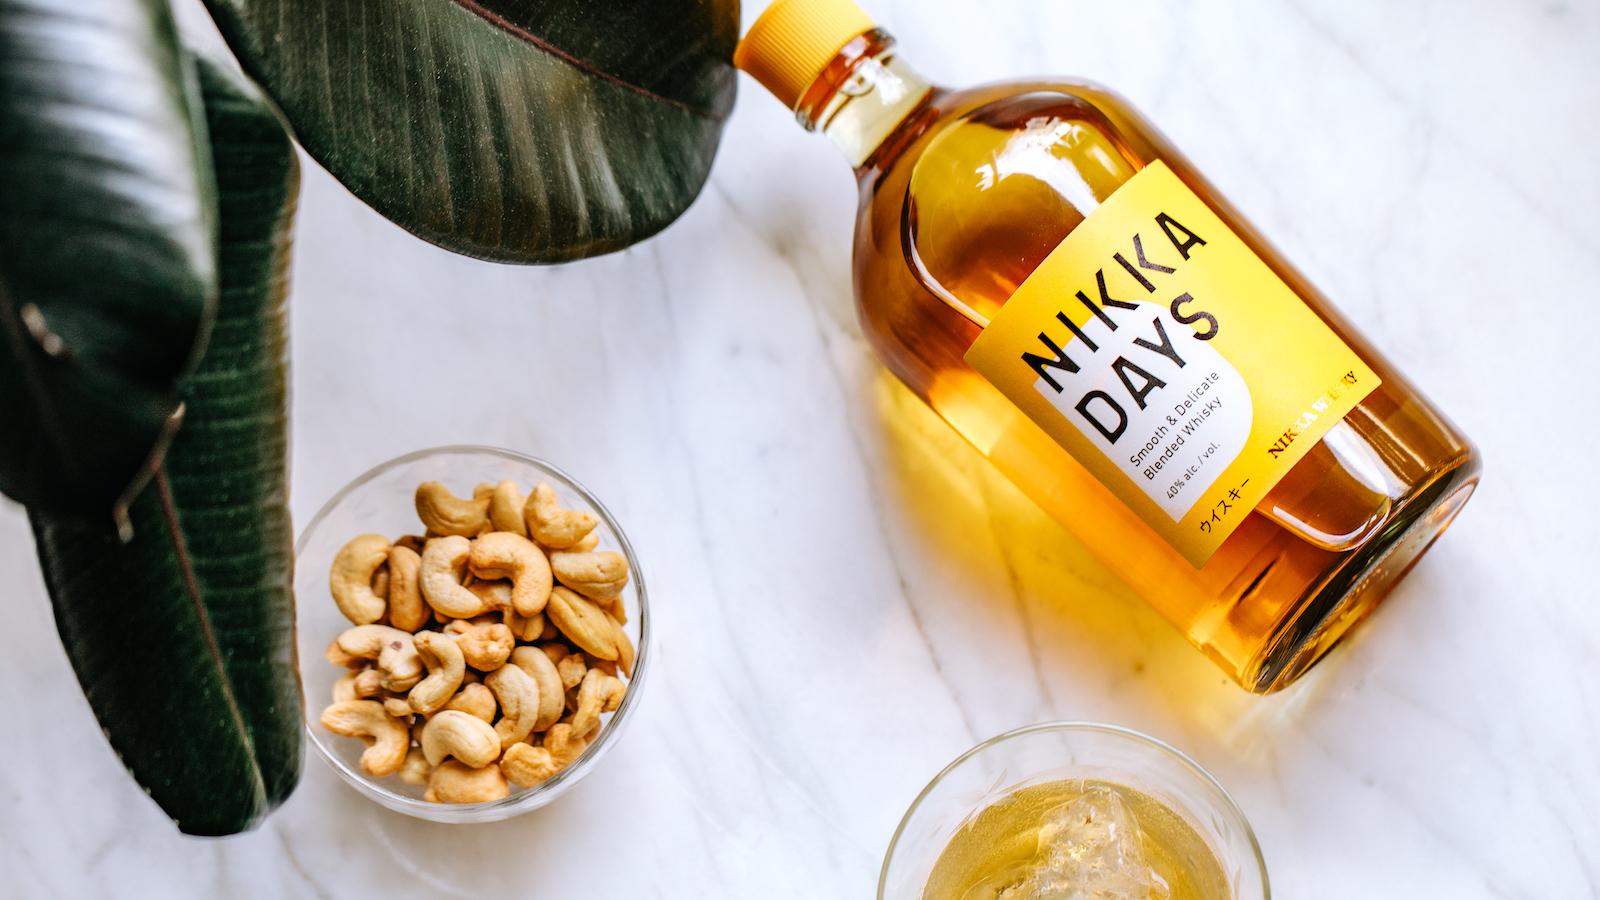 Nikka Days, Booker's Boston Batch & More New Whisky